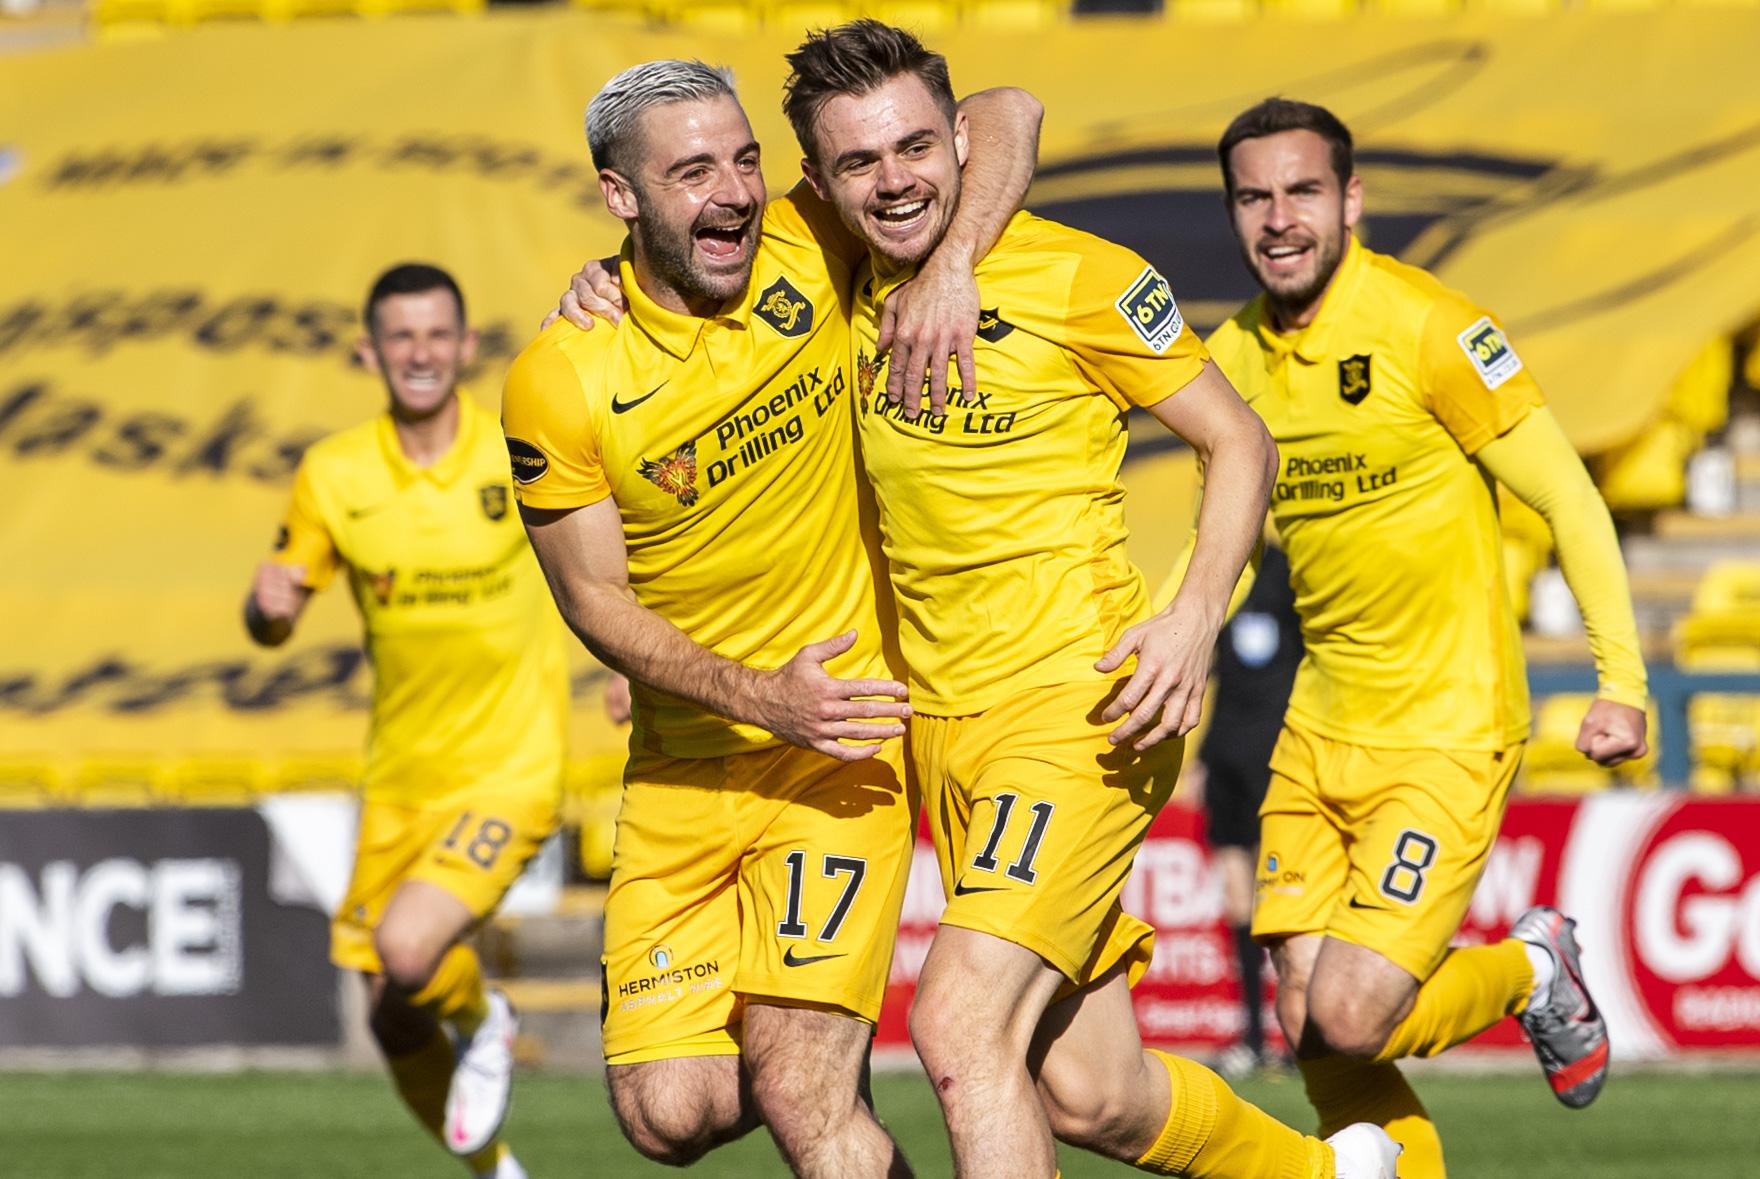 Livingston 2-0 St Johnstone: Quick-fire double sees off Saints